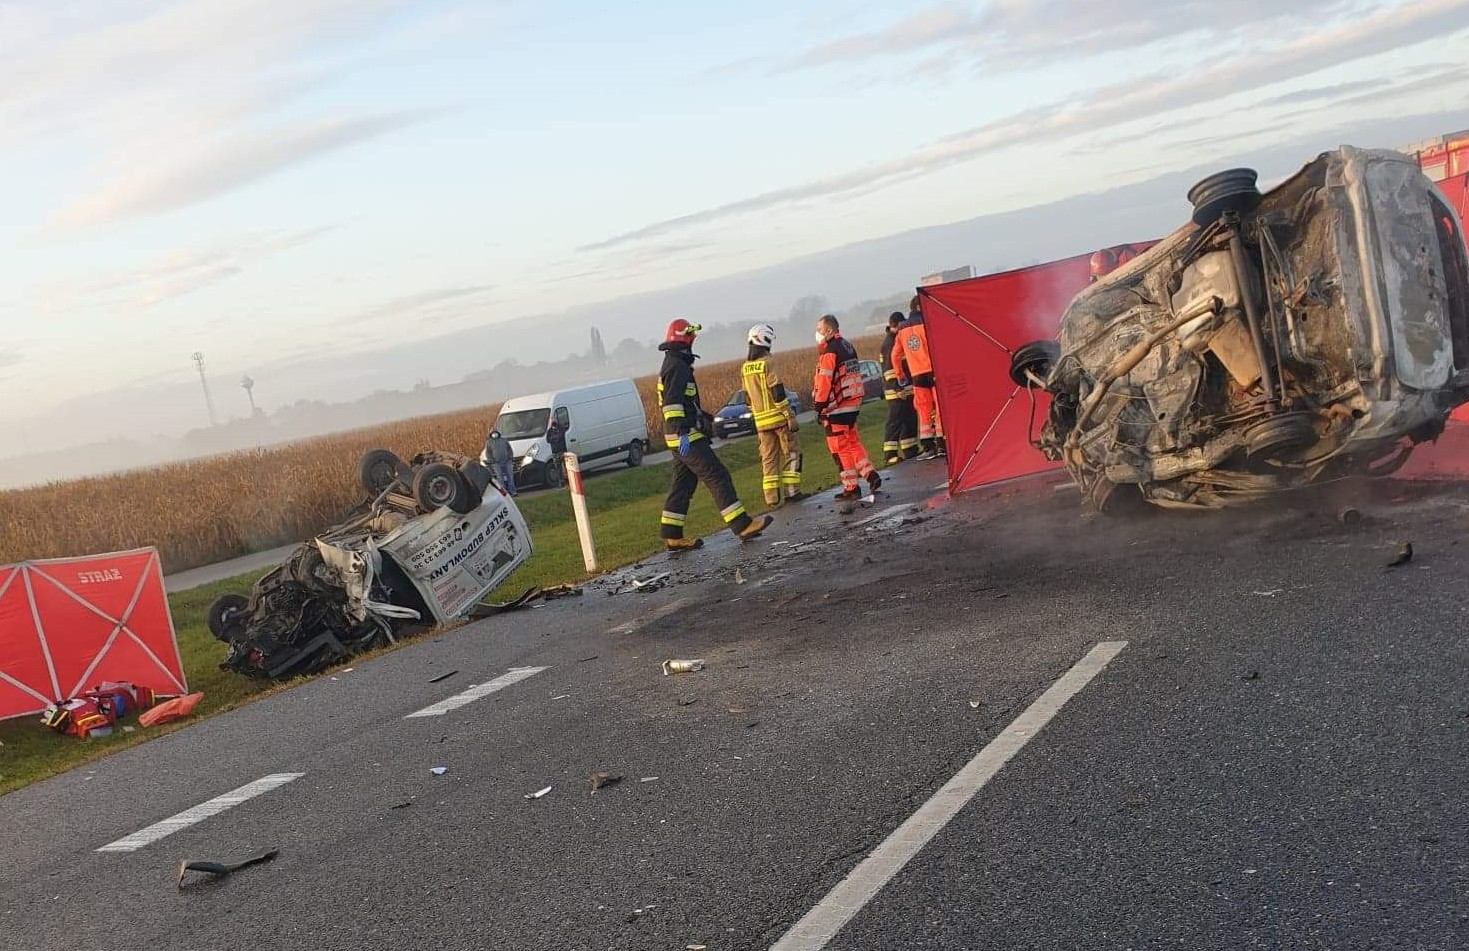 Tragiczny wypadek! Nie żyją trzy osoby. Droga krajowa zablokowana